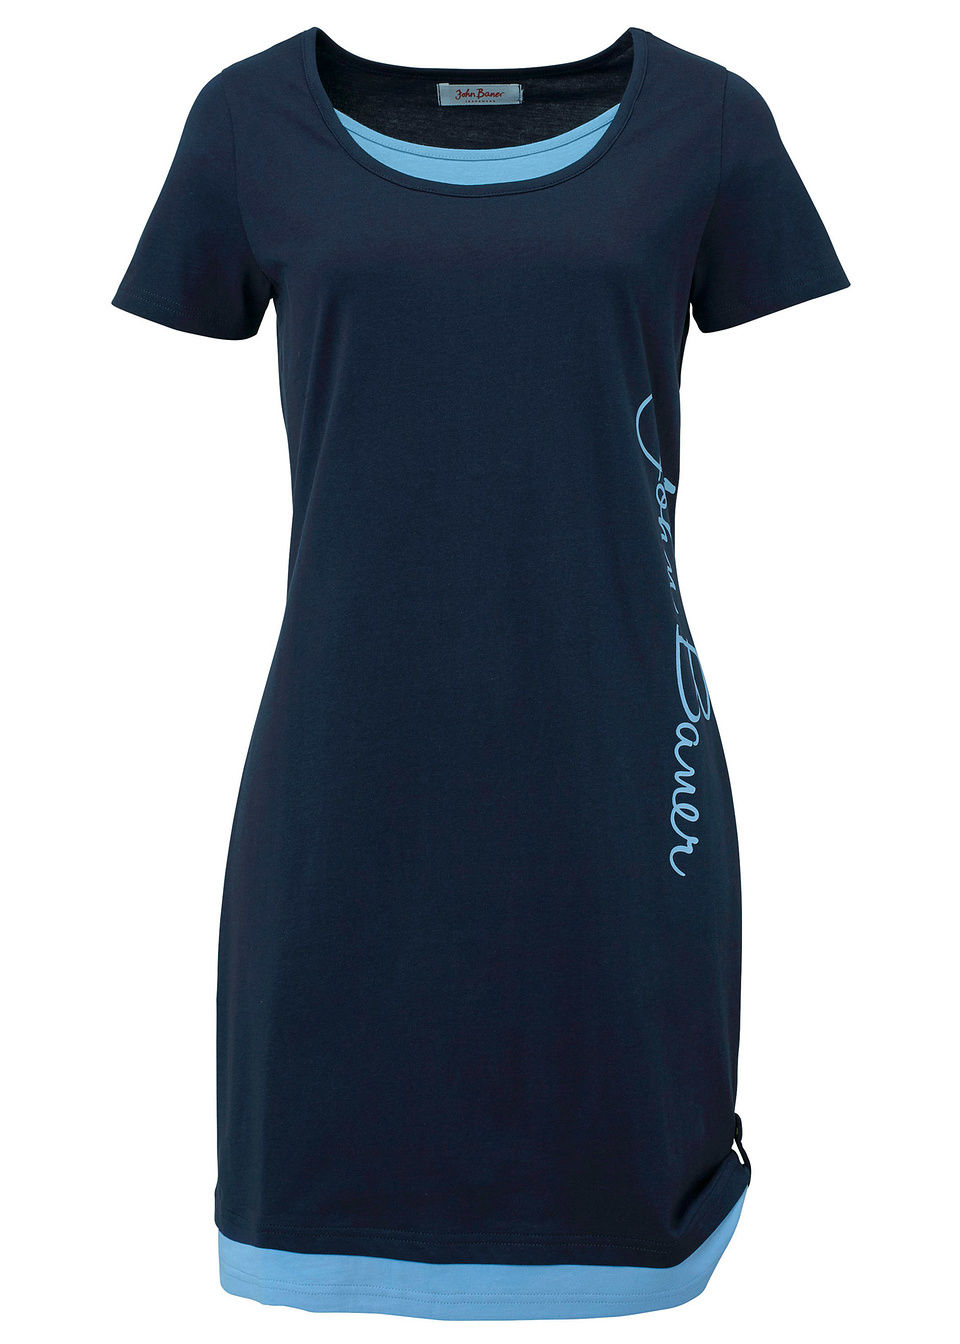 Трикотажное платье с принтом и коротким рукавом от bonprix